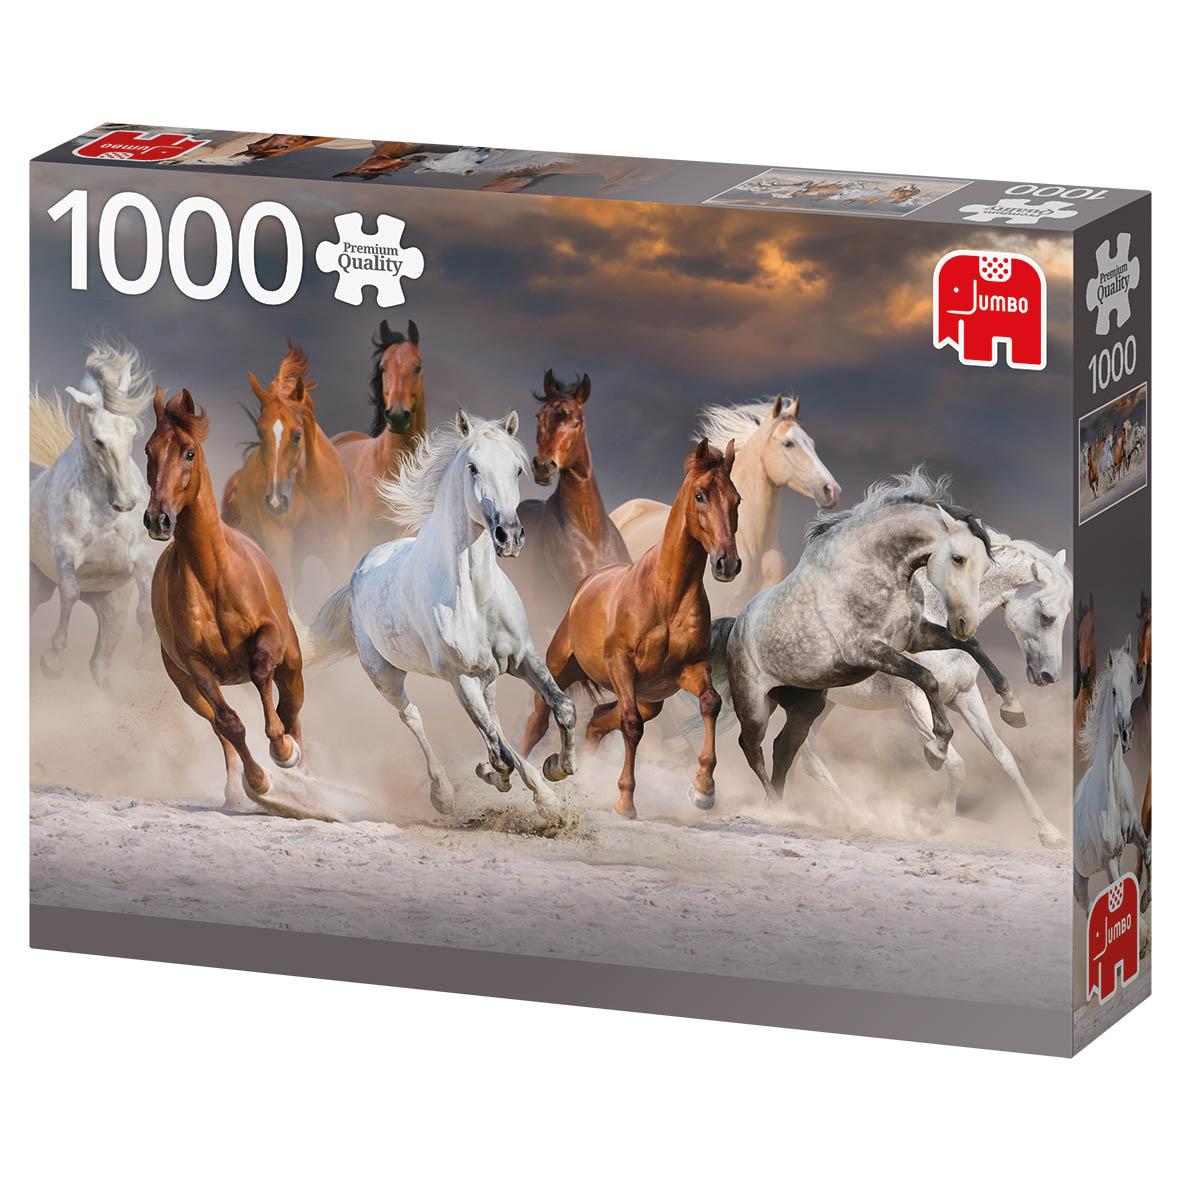 Puzzle Jumbo Caballos del Desierto de 1000 Piezas